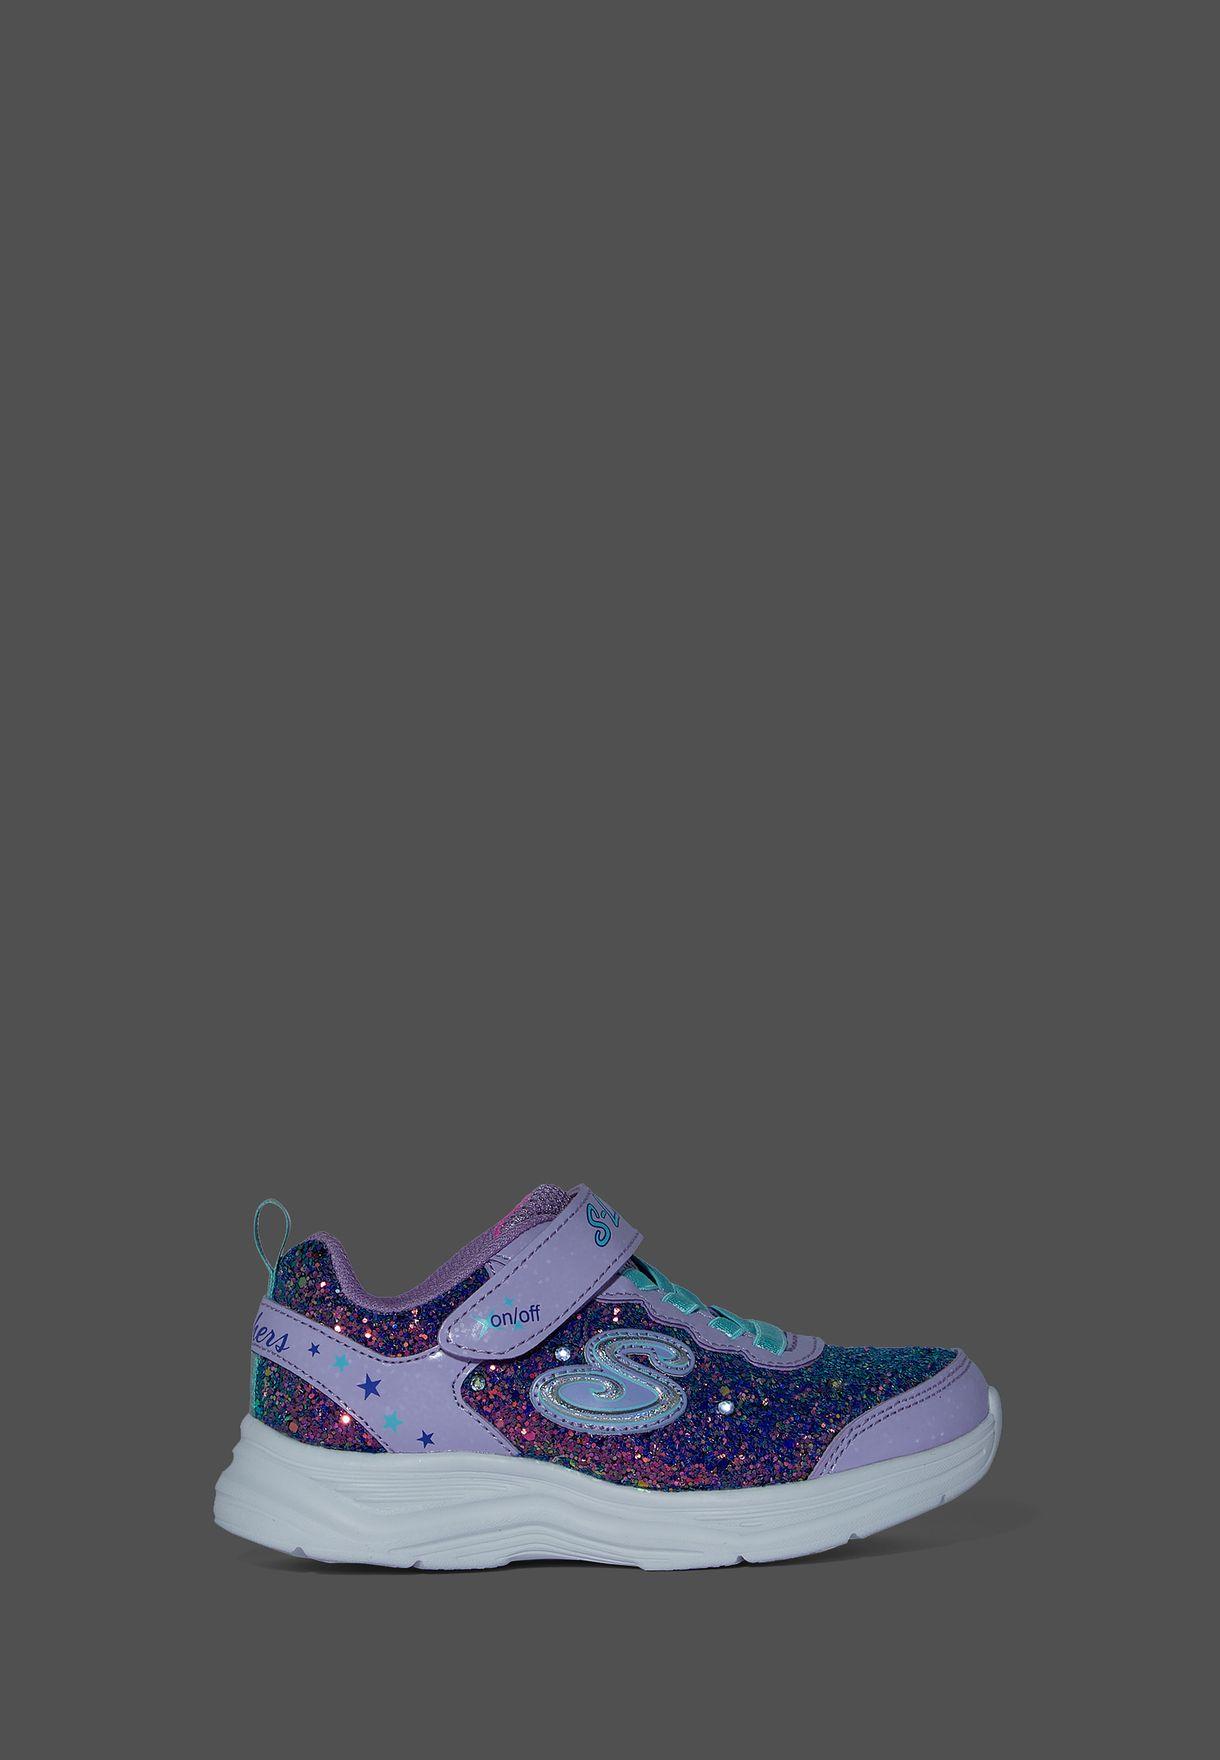 حذاء جليمر كيكس